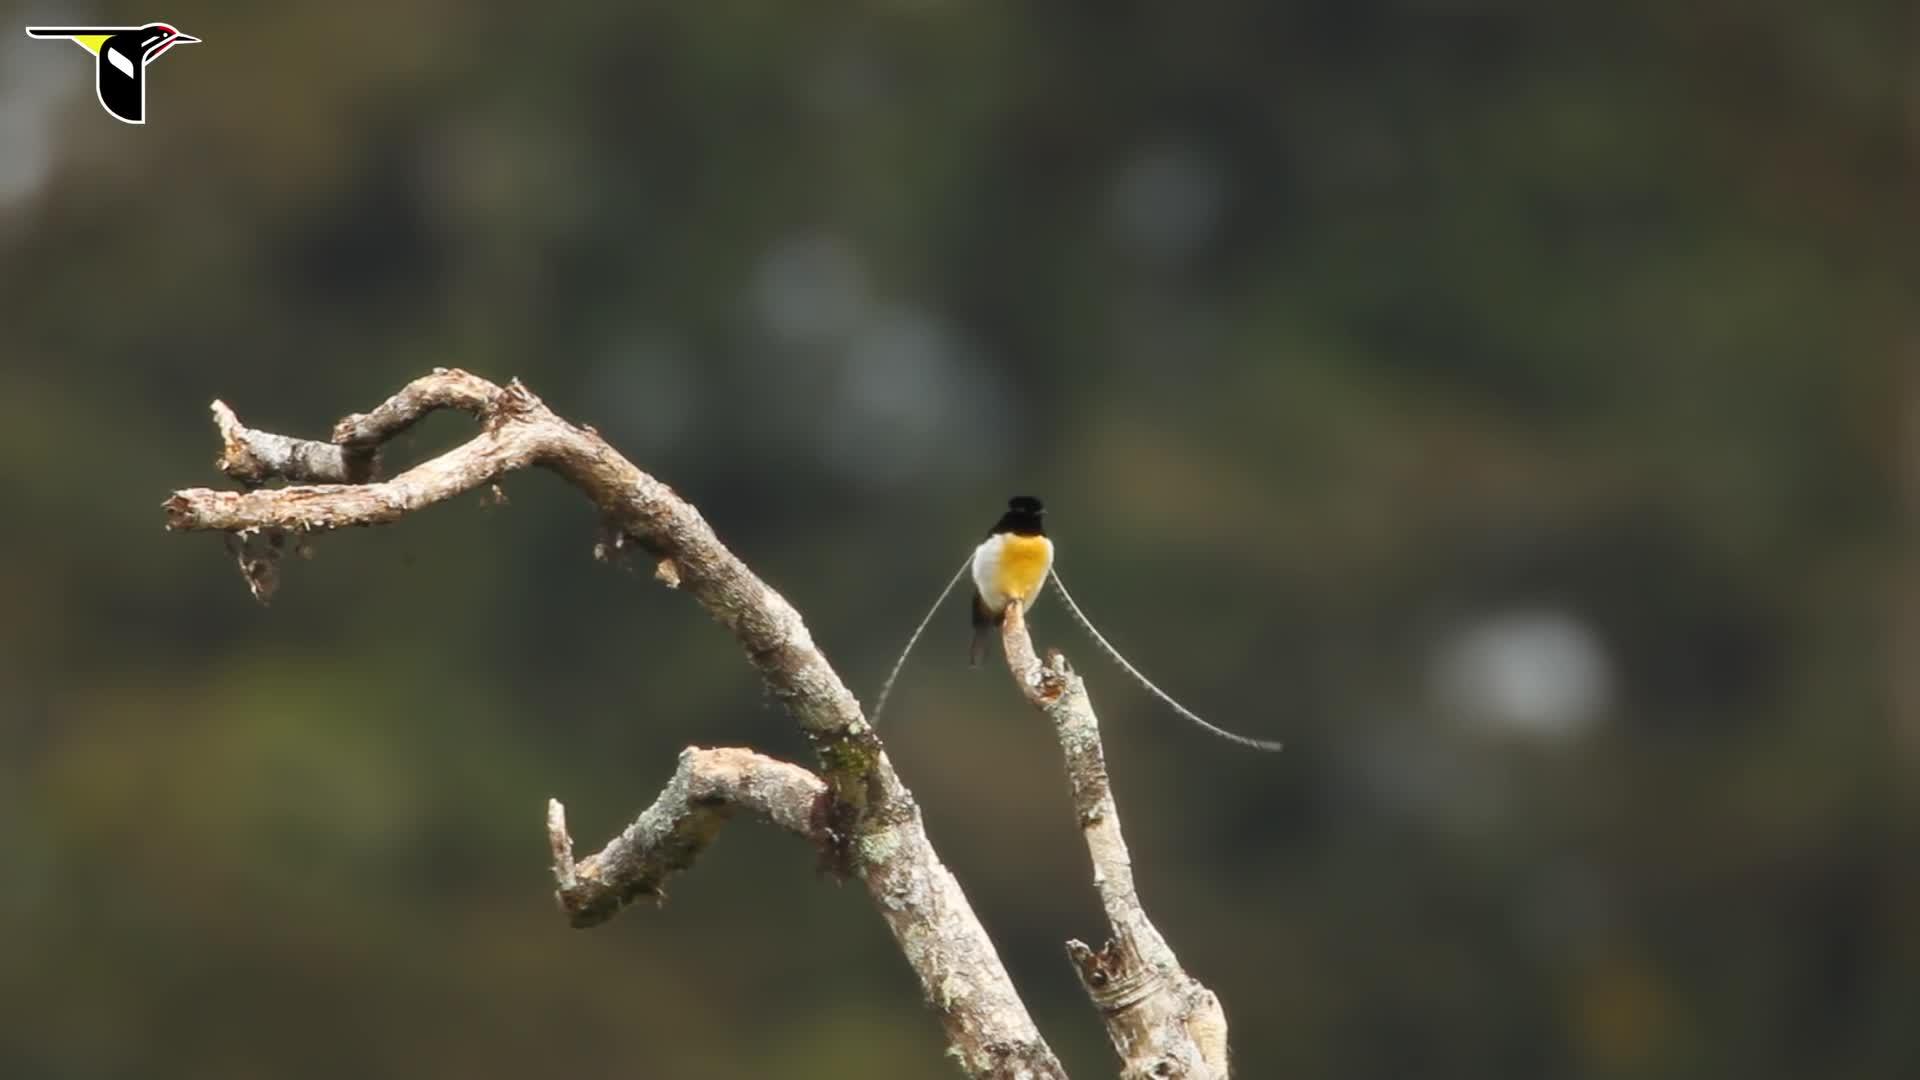 Cornell Lab of Ornithology, Indonesia, King of Saxony, Lab of Ornithology, New Guinea, bird, birds, birds of paradise, feathers, head plumes, King-of-Saxony Bird-of-Paradise GIFs